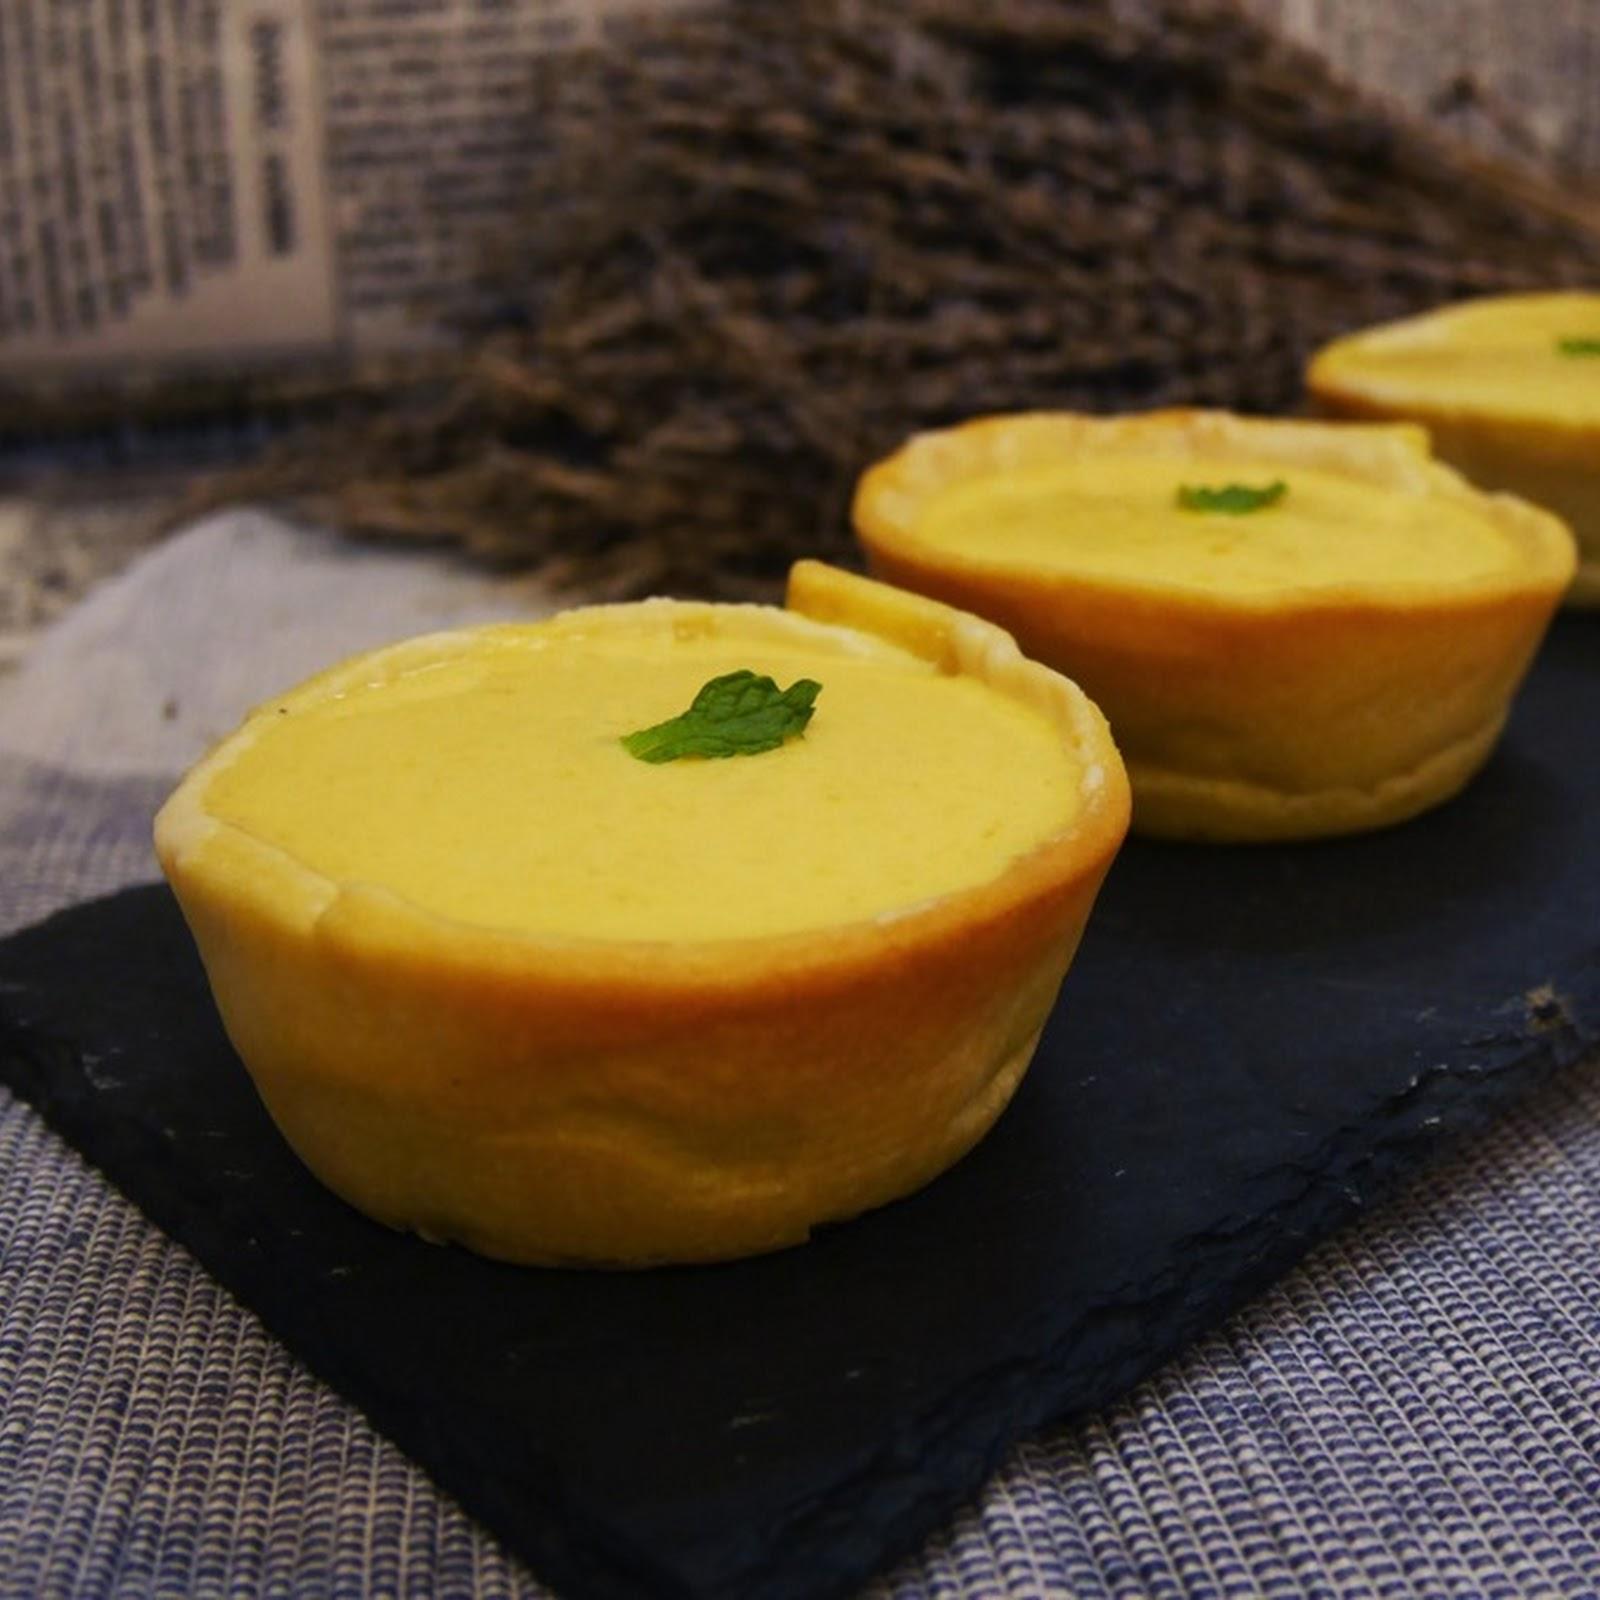 芒果流心布丁撻 Mango Lava Pudding Tart (無蛋布丁)【老娘的草根飯堂】